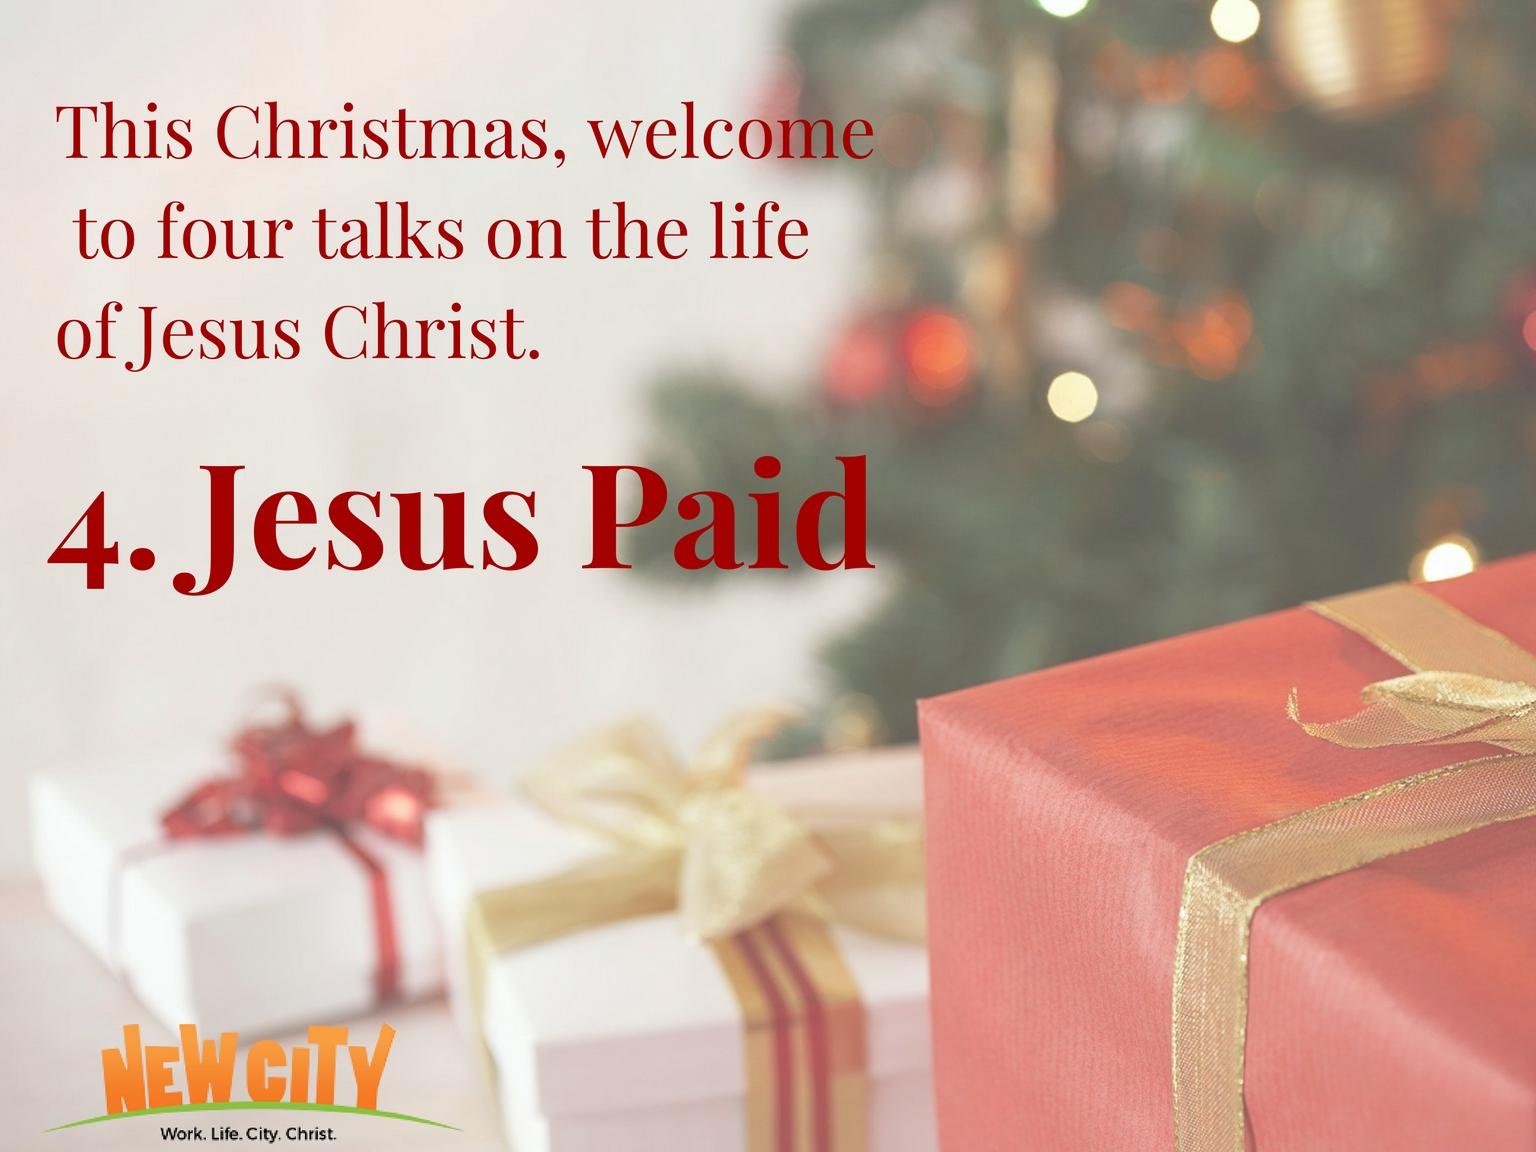 Jesus Paid Image